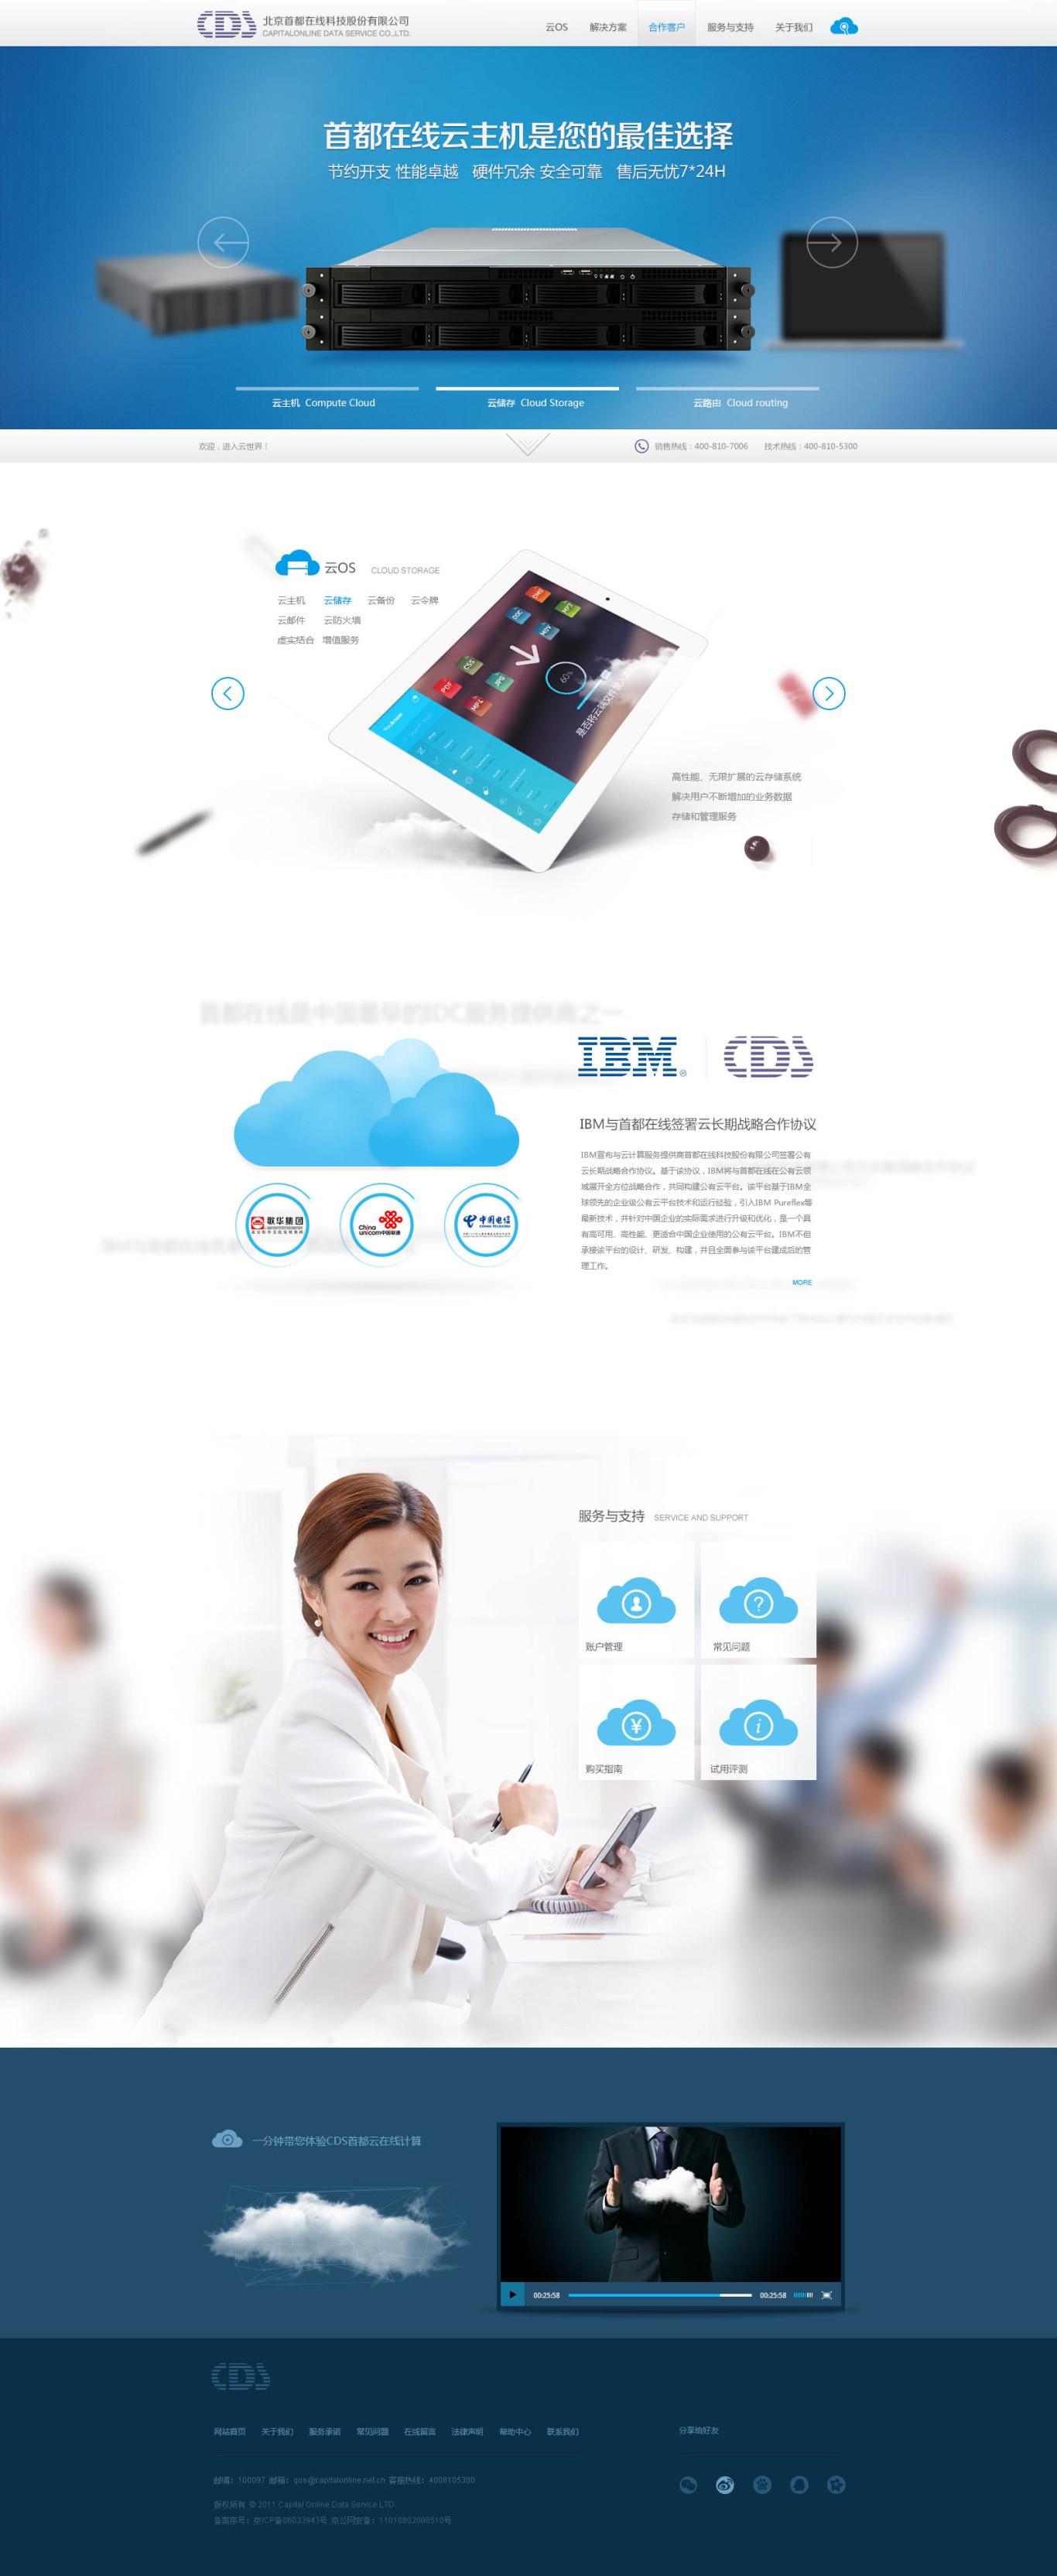 某IT类公司官方网站图1